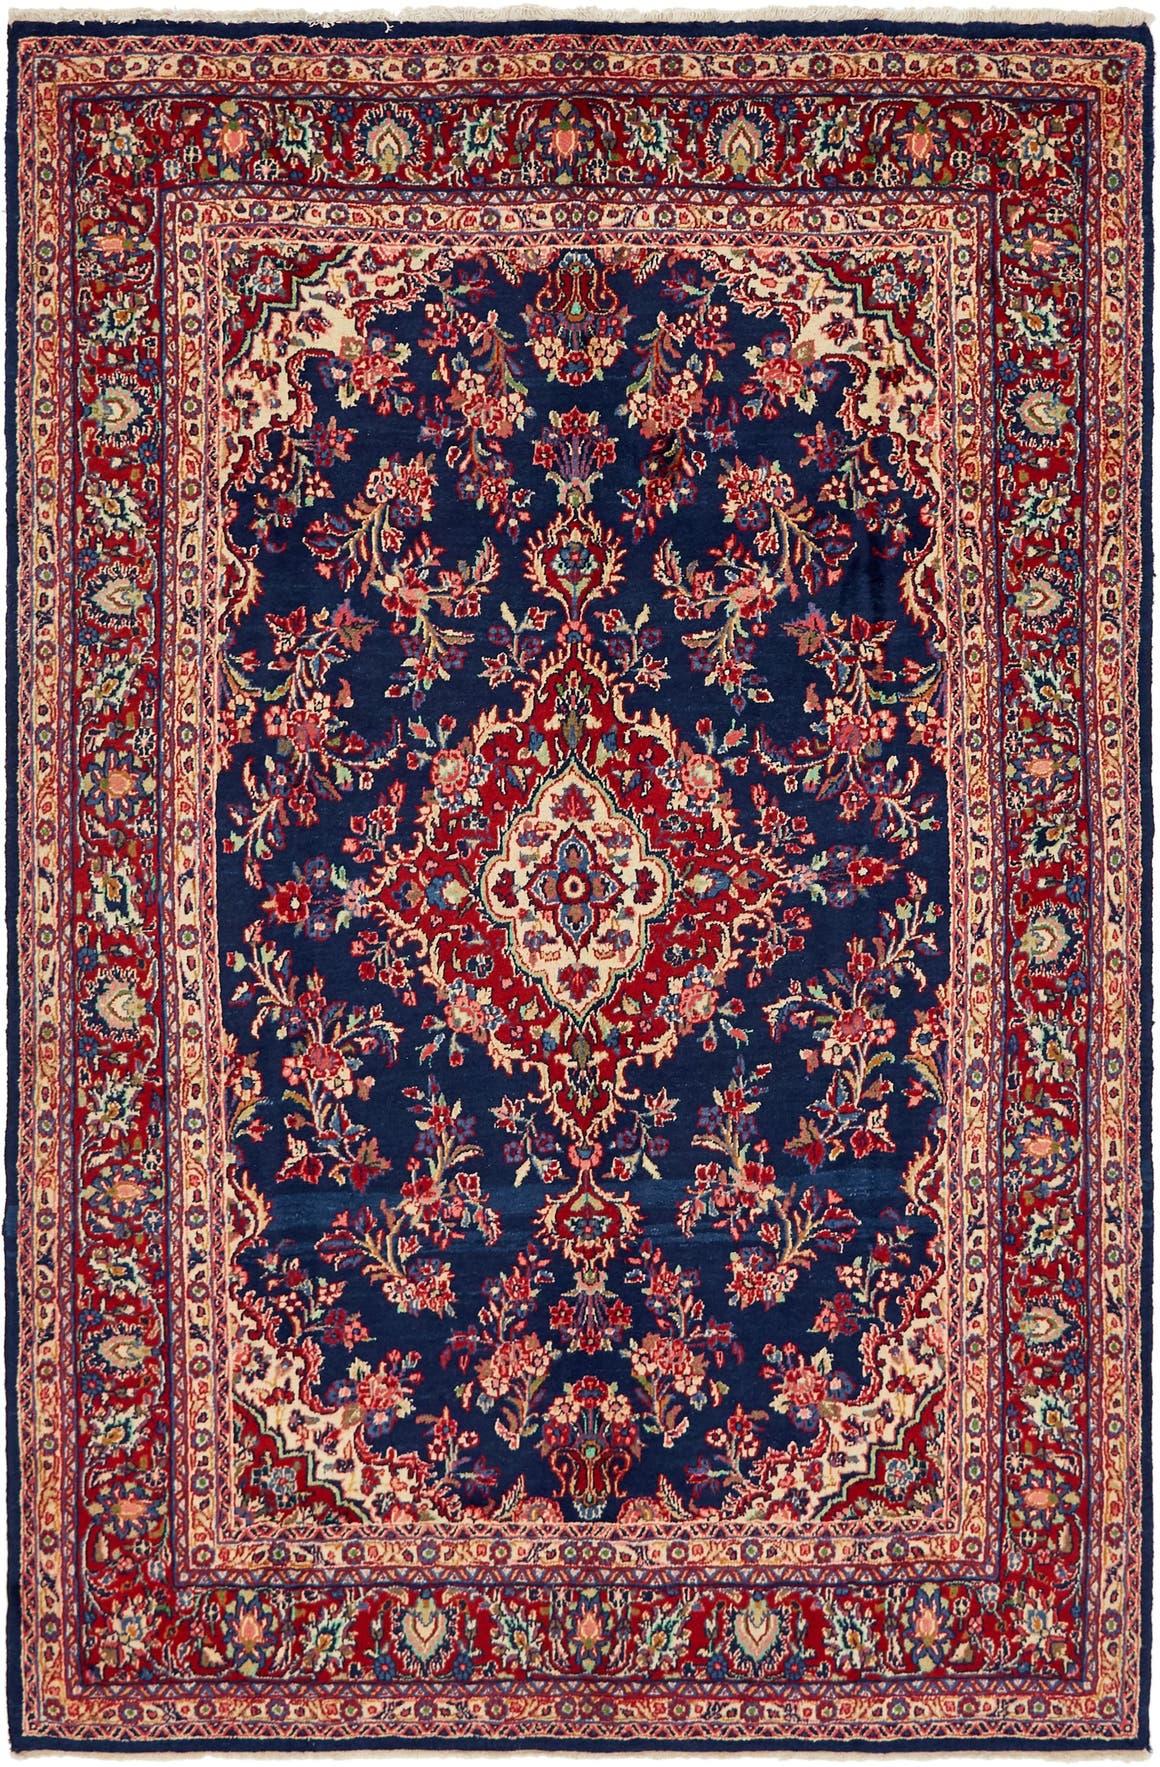 7' x 10' 8 Shahrbaft Persian Rug main image